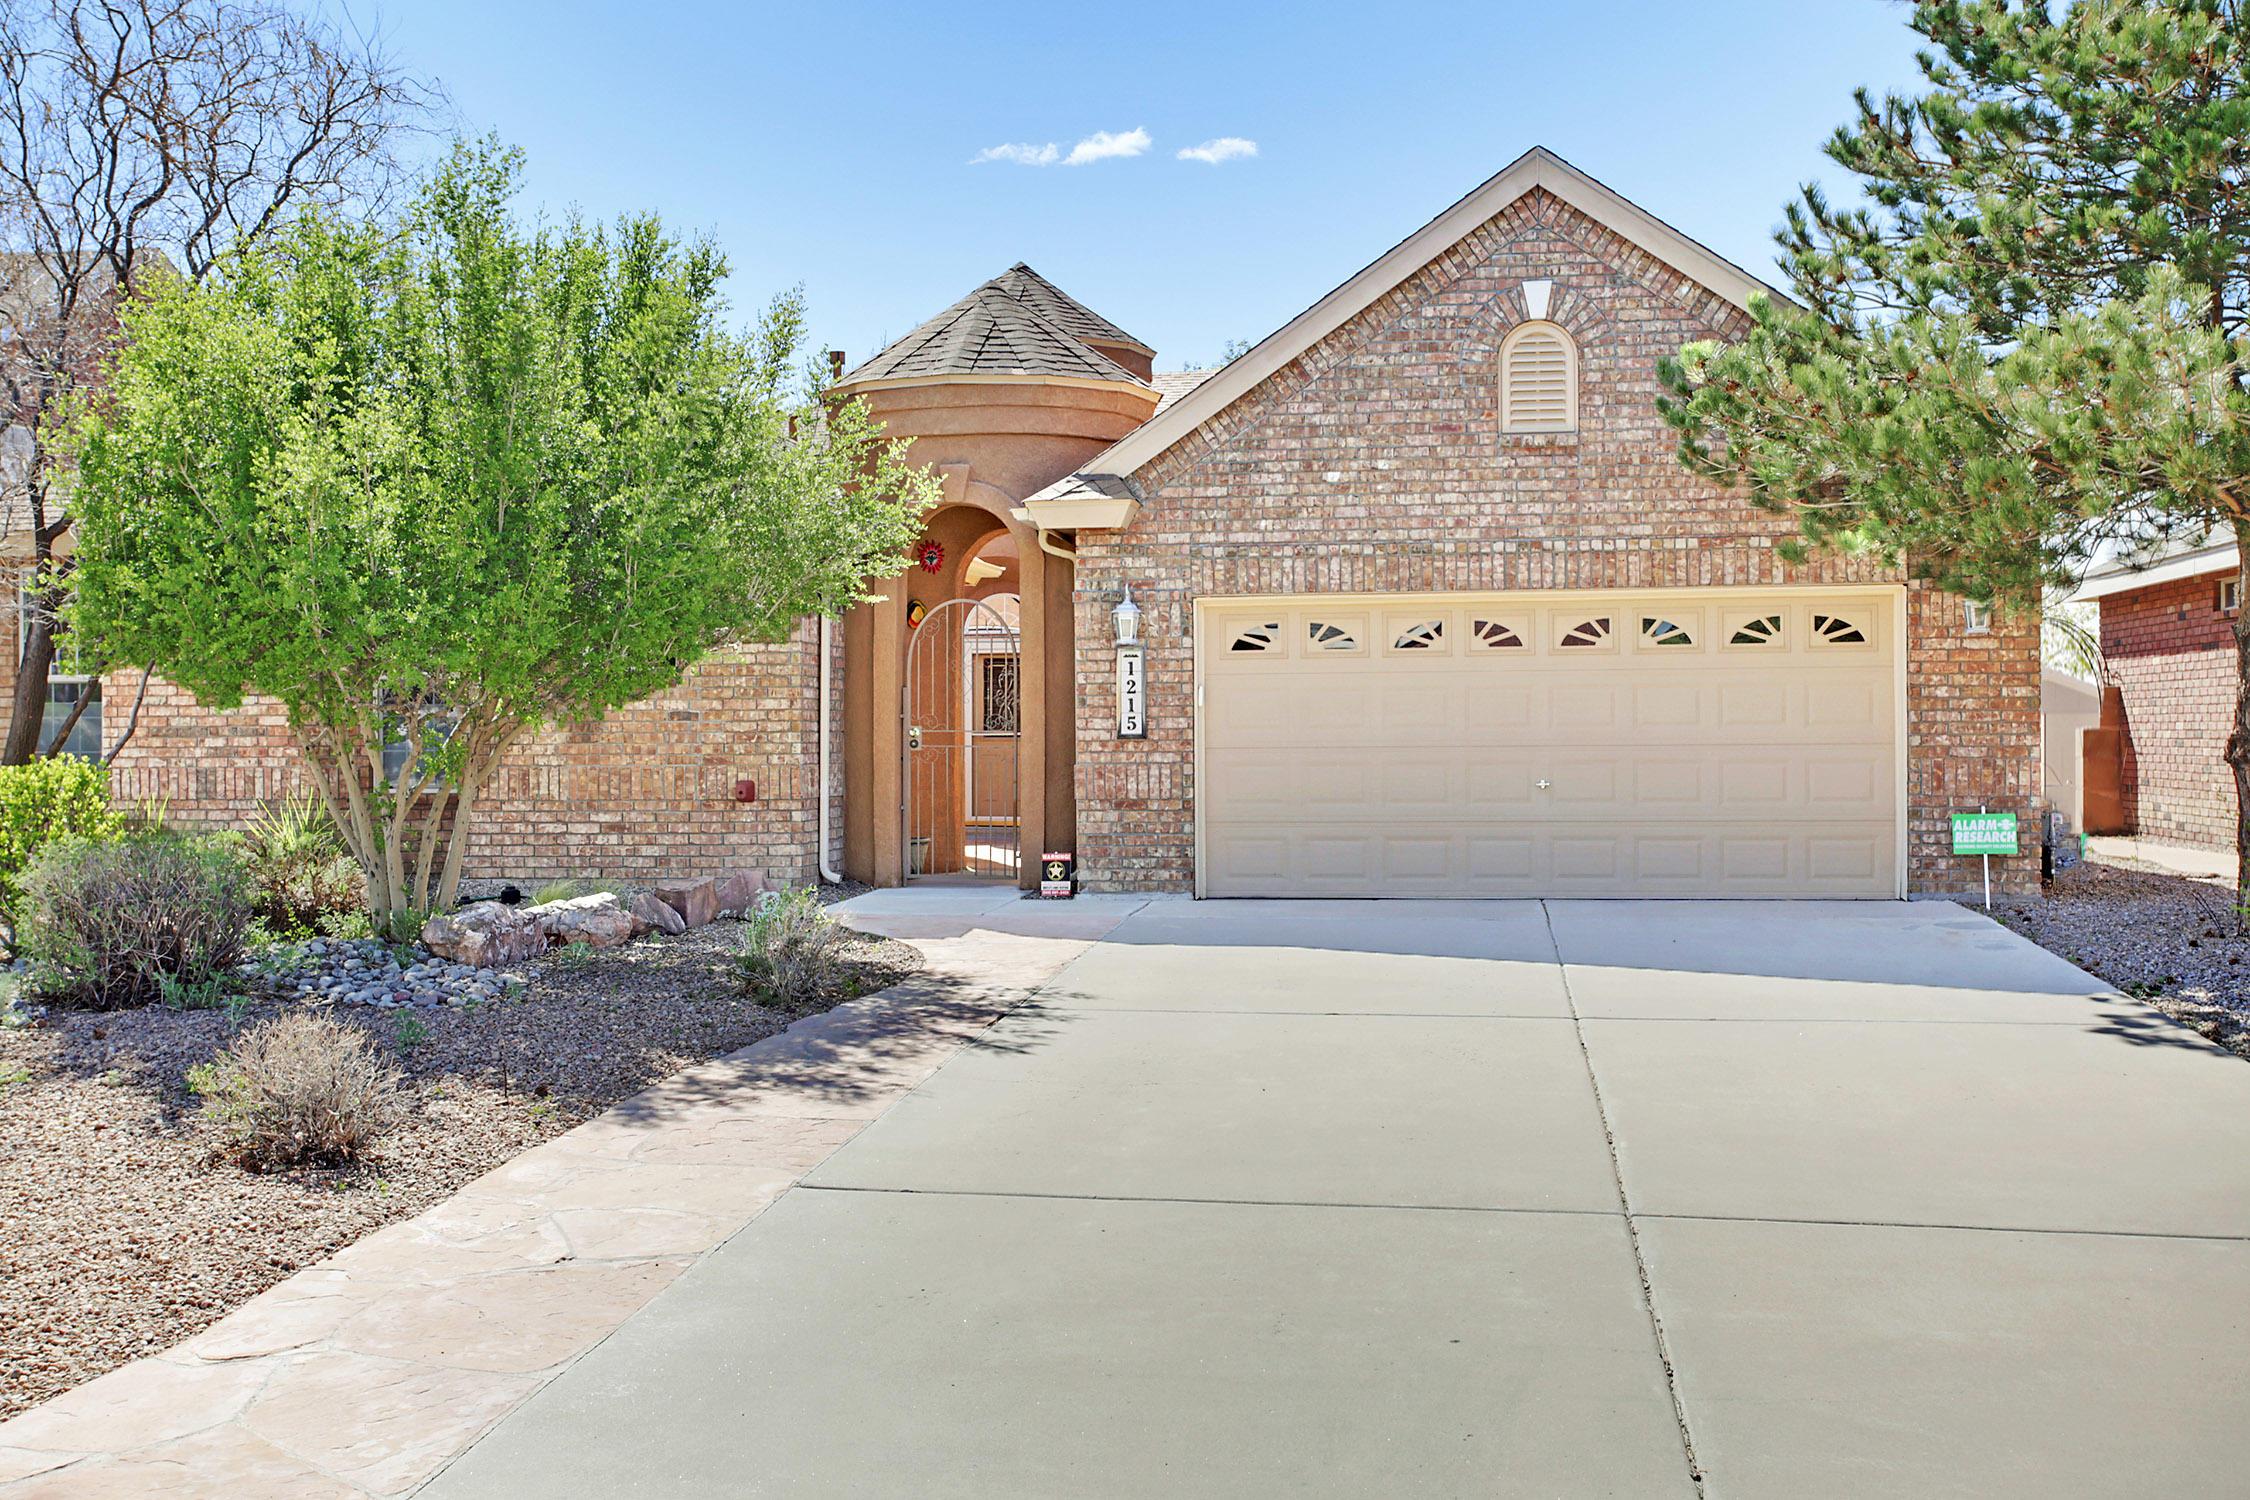 1215 CANNONADE Court SE, Albuquerque, NM 87123 - Albuquerque, NM real estate listing